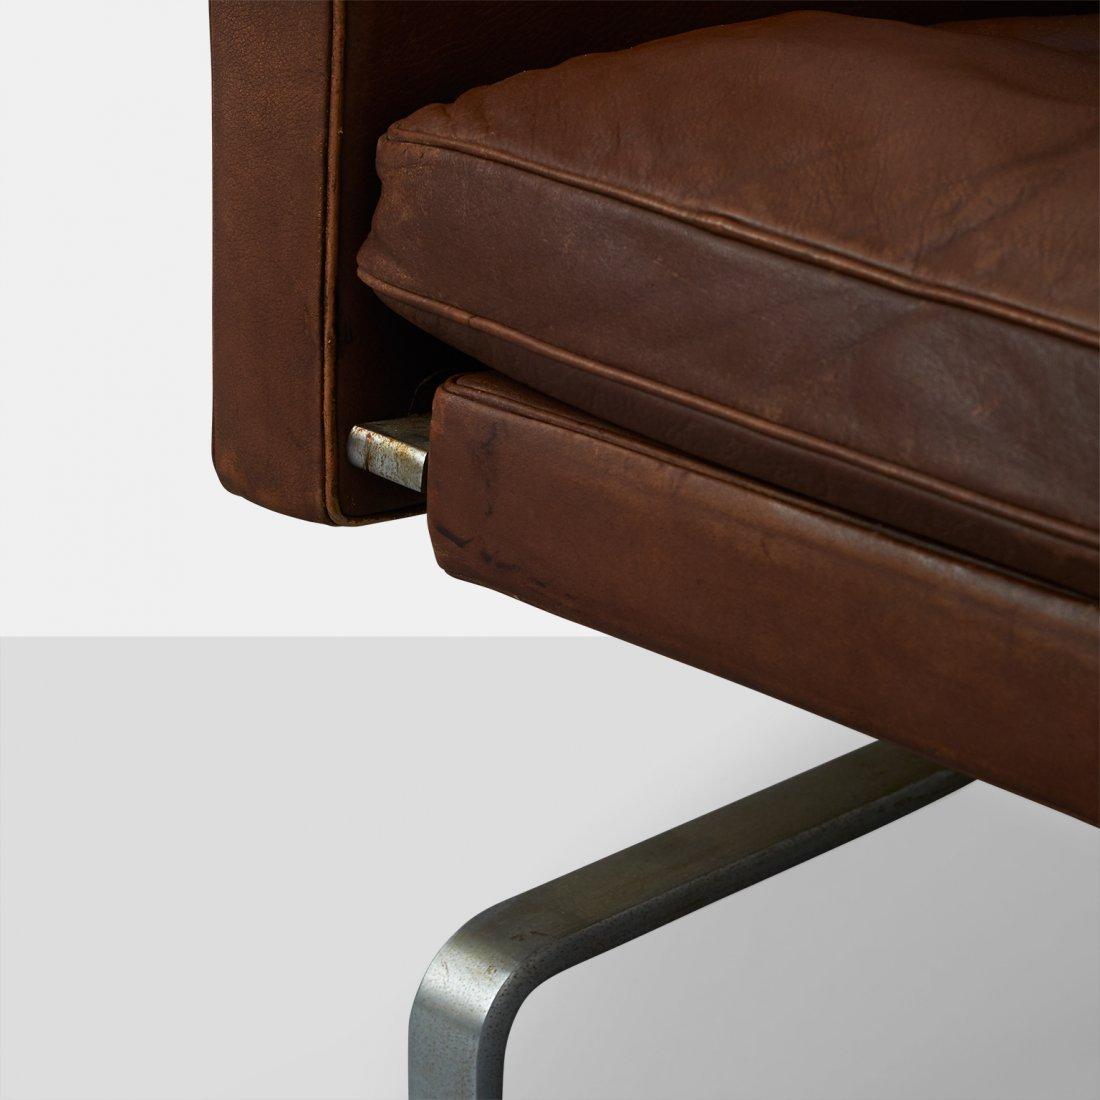 Poul Kjaerholm, PK31 Lounge Chair - 3